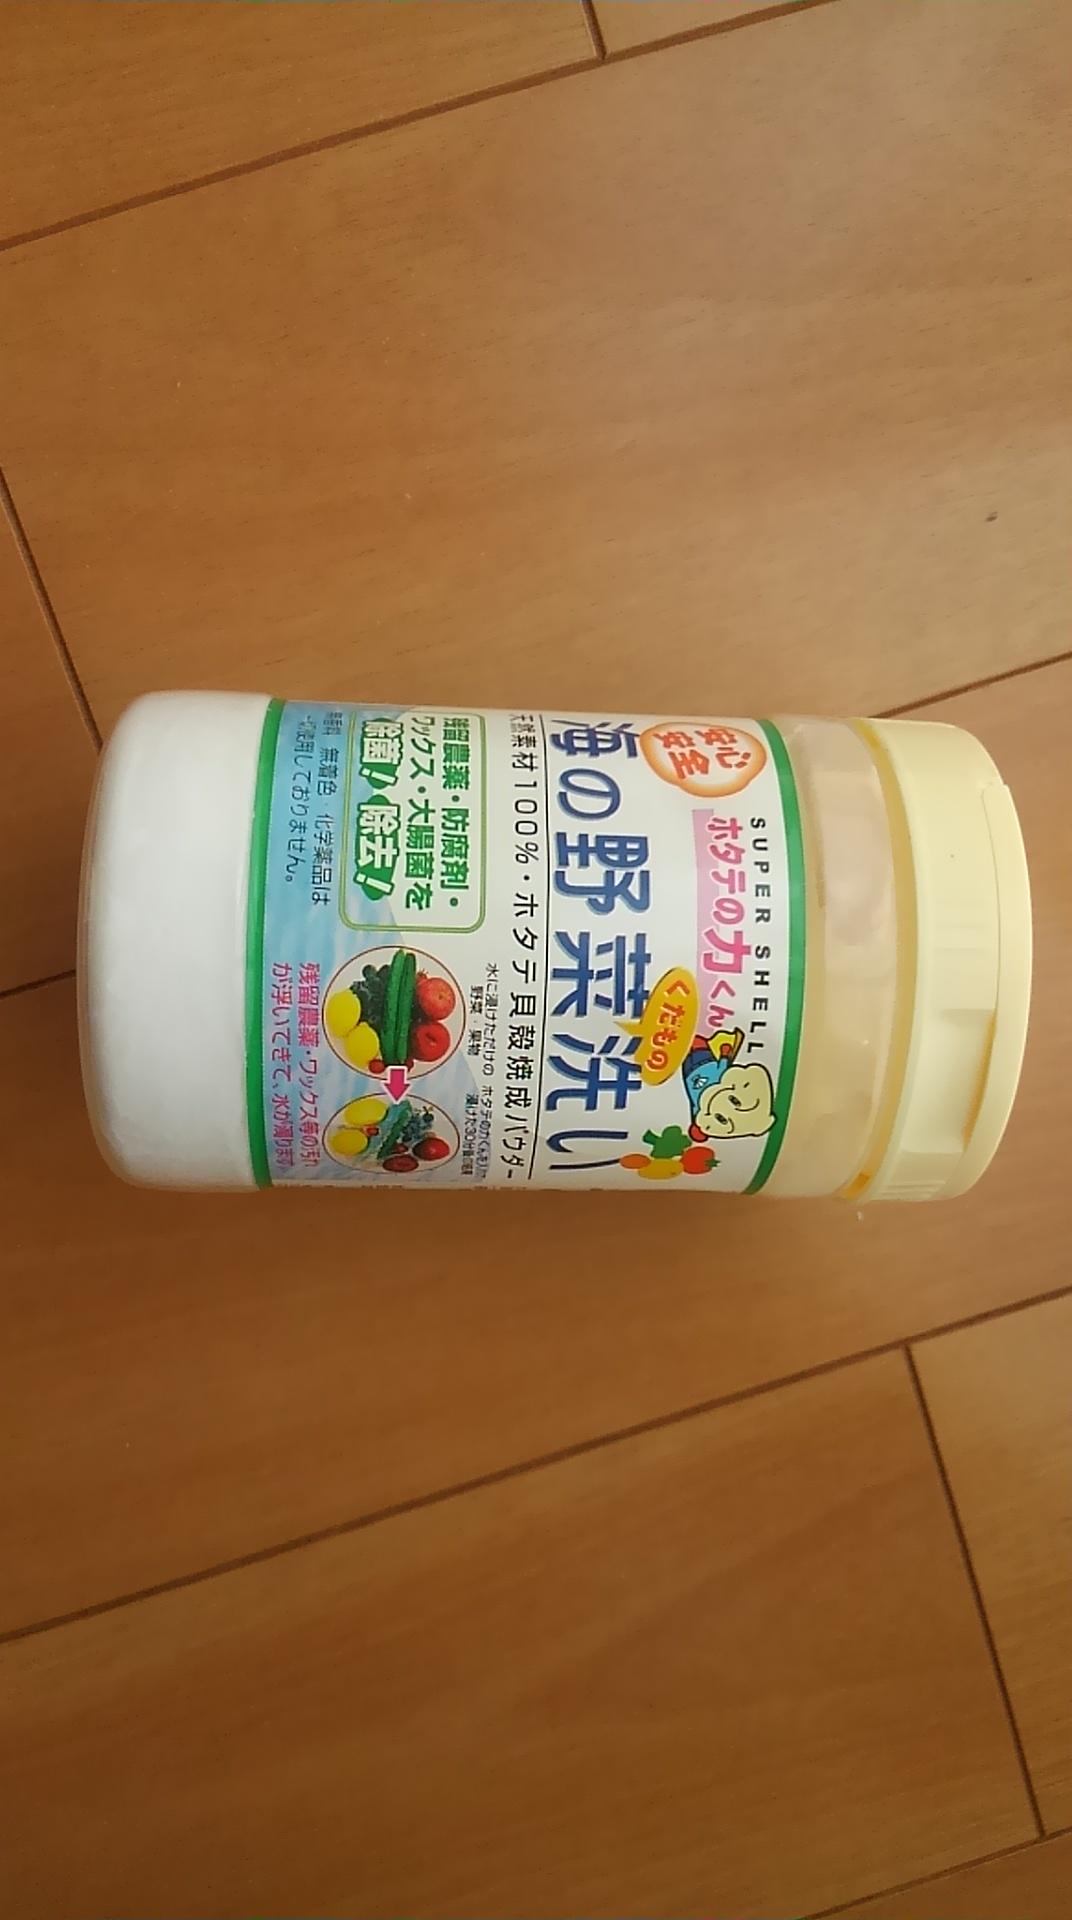 キャベツを洗うと出る白い粉を落とす野菜洗い